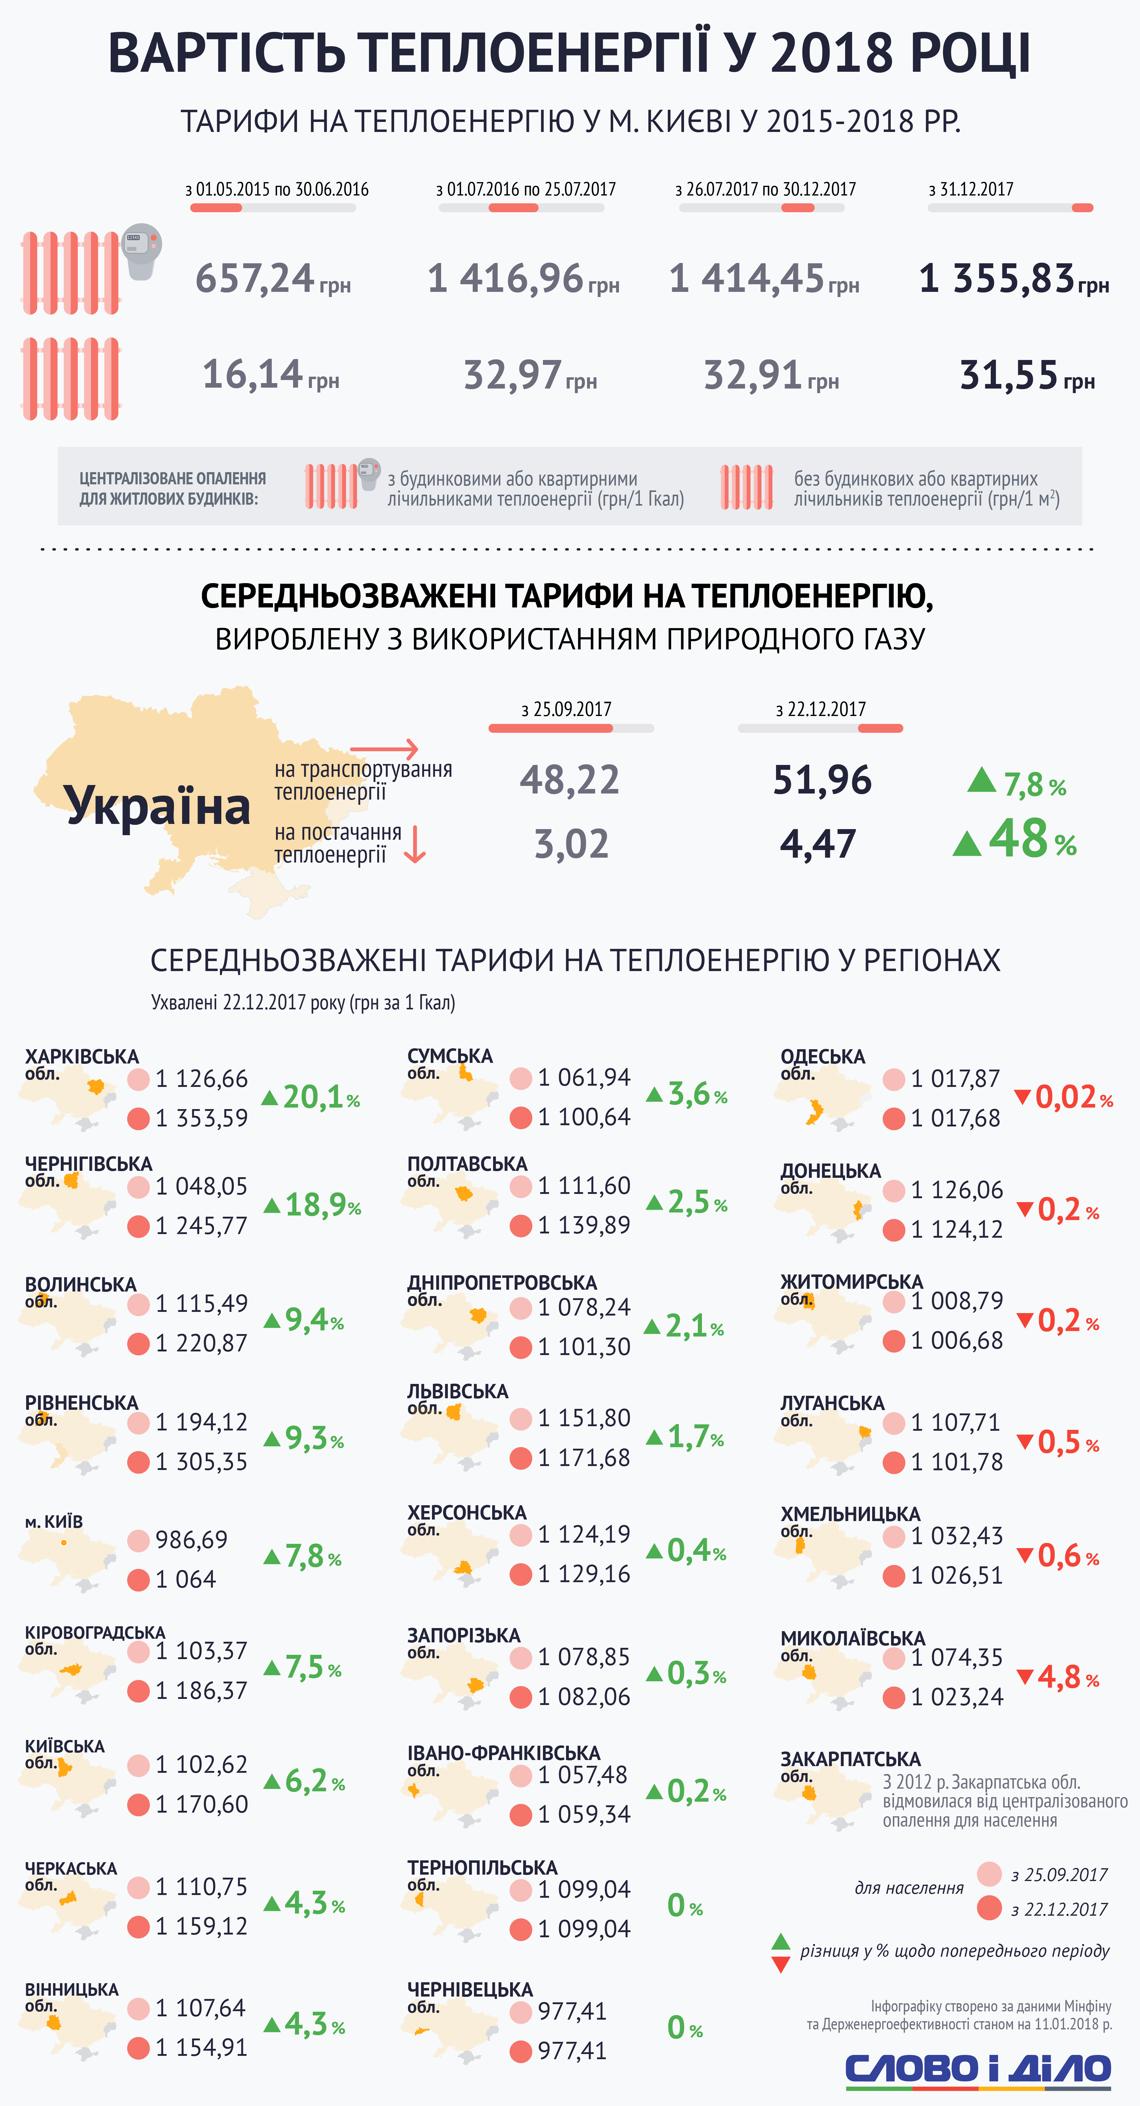 Стоимость отопления в разных регионах Украины-2018